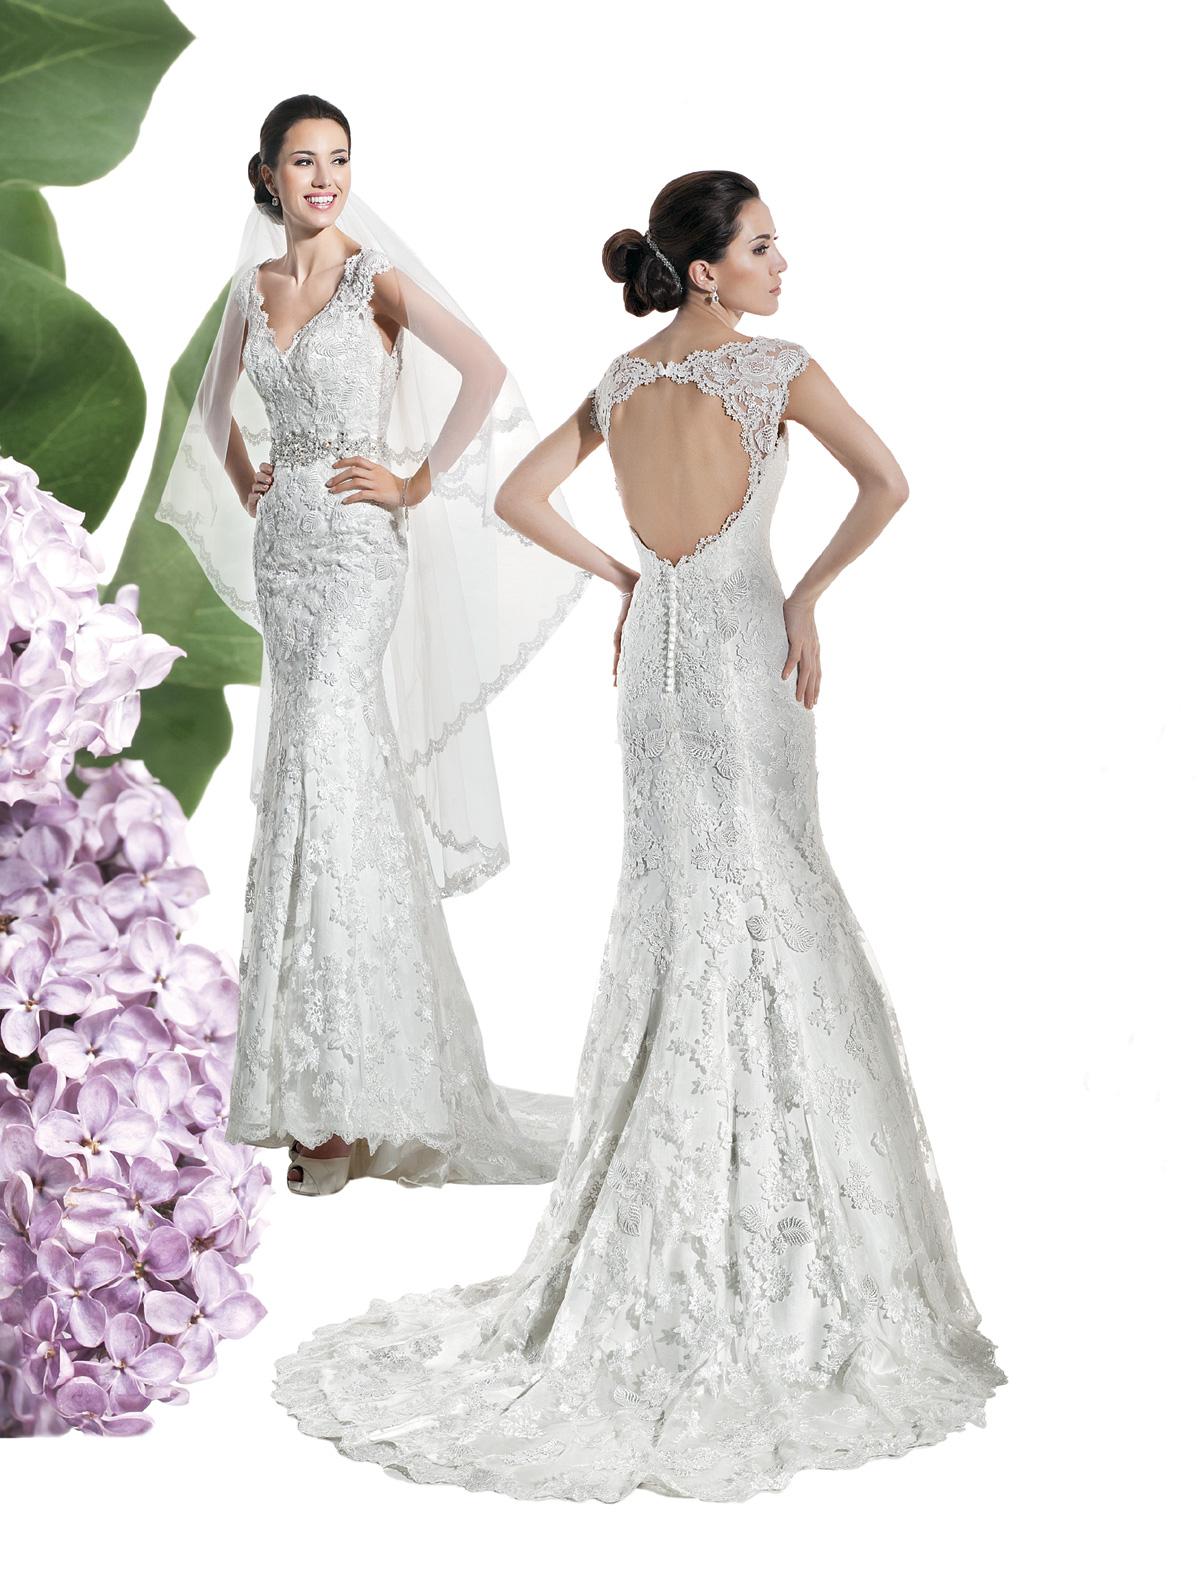 Vestido de Noiva sereia, confeccionado em cetim com renda rebordada sobreposta, decote profundo nas costas, cinto em pedraria e suave cauda.